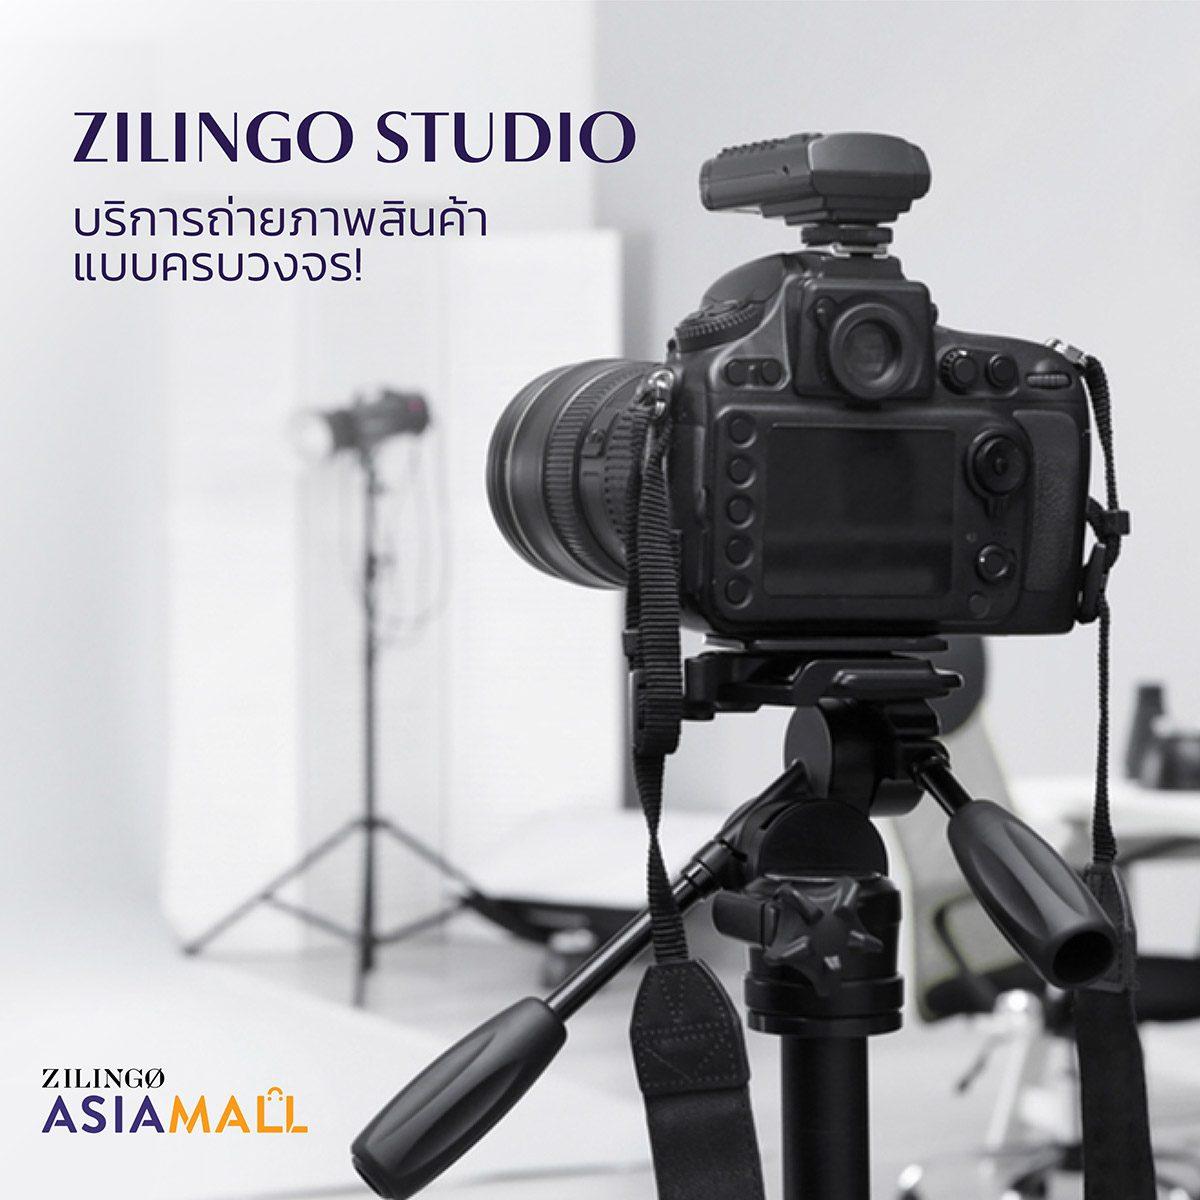 Zilingo Studio บริการถ่ายภาพสินค้าแบบครบวงจร เปิดแล้ว!